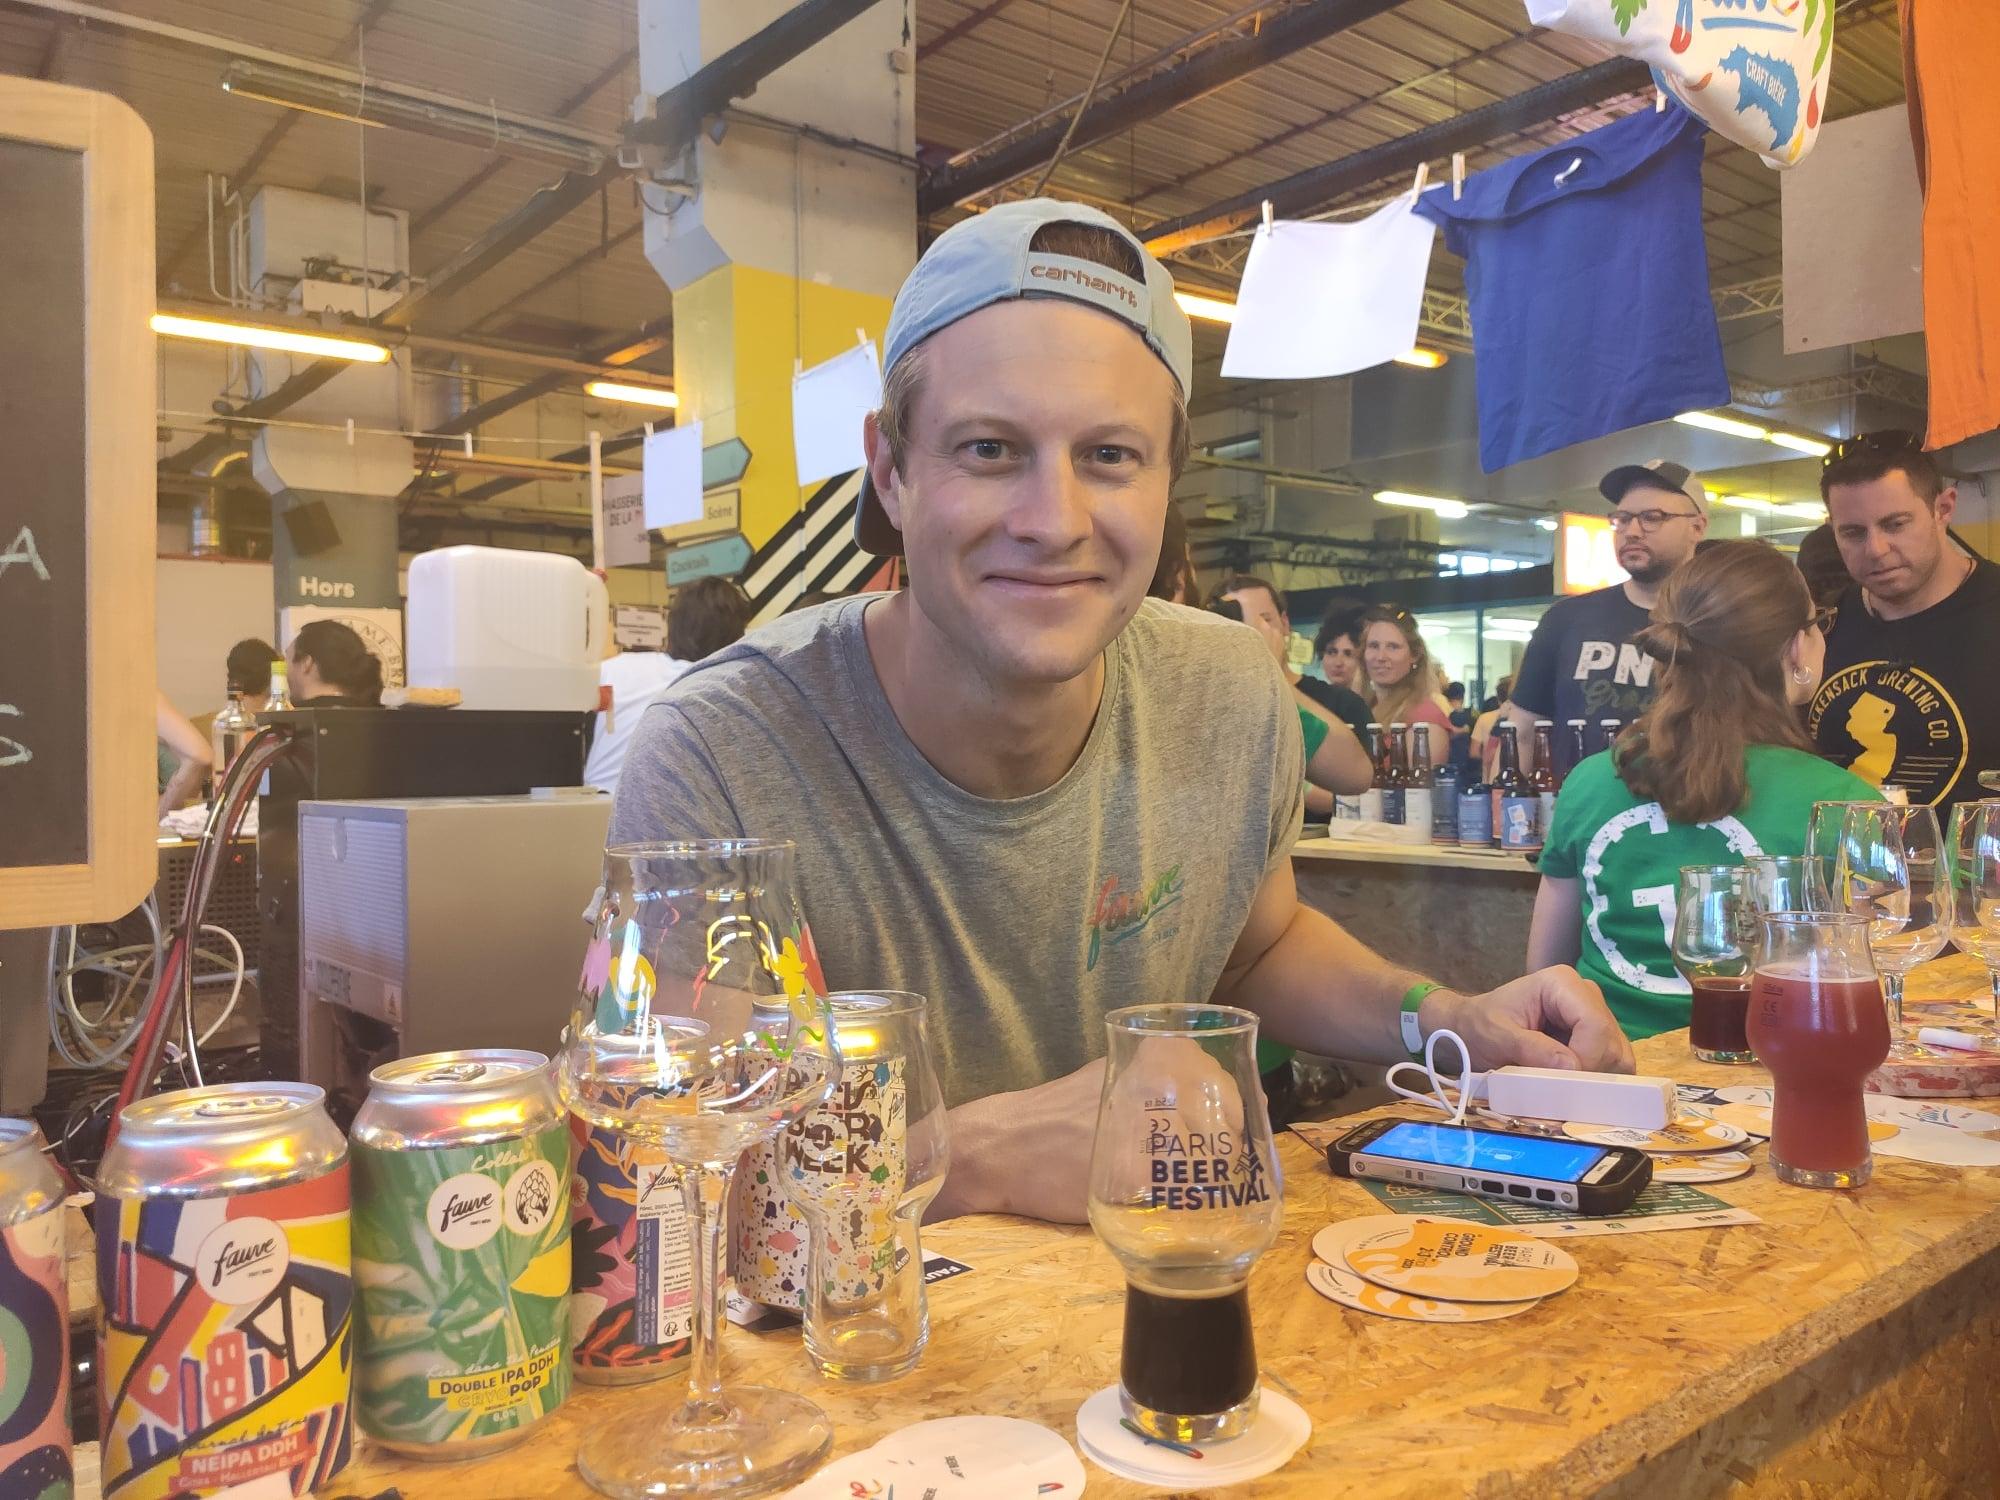 Paris Beer Festival - Antoine Robic (Fauve Craft bière)